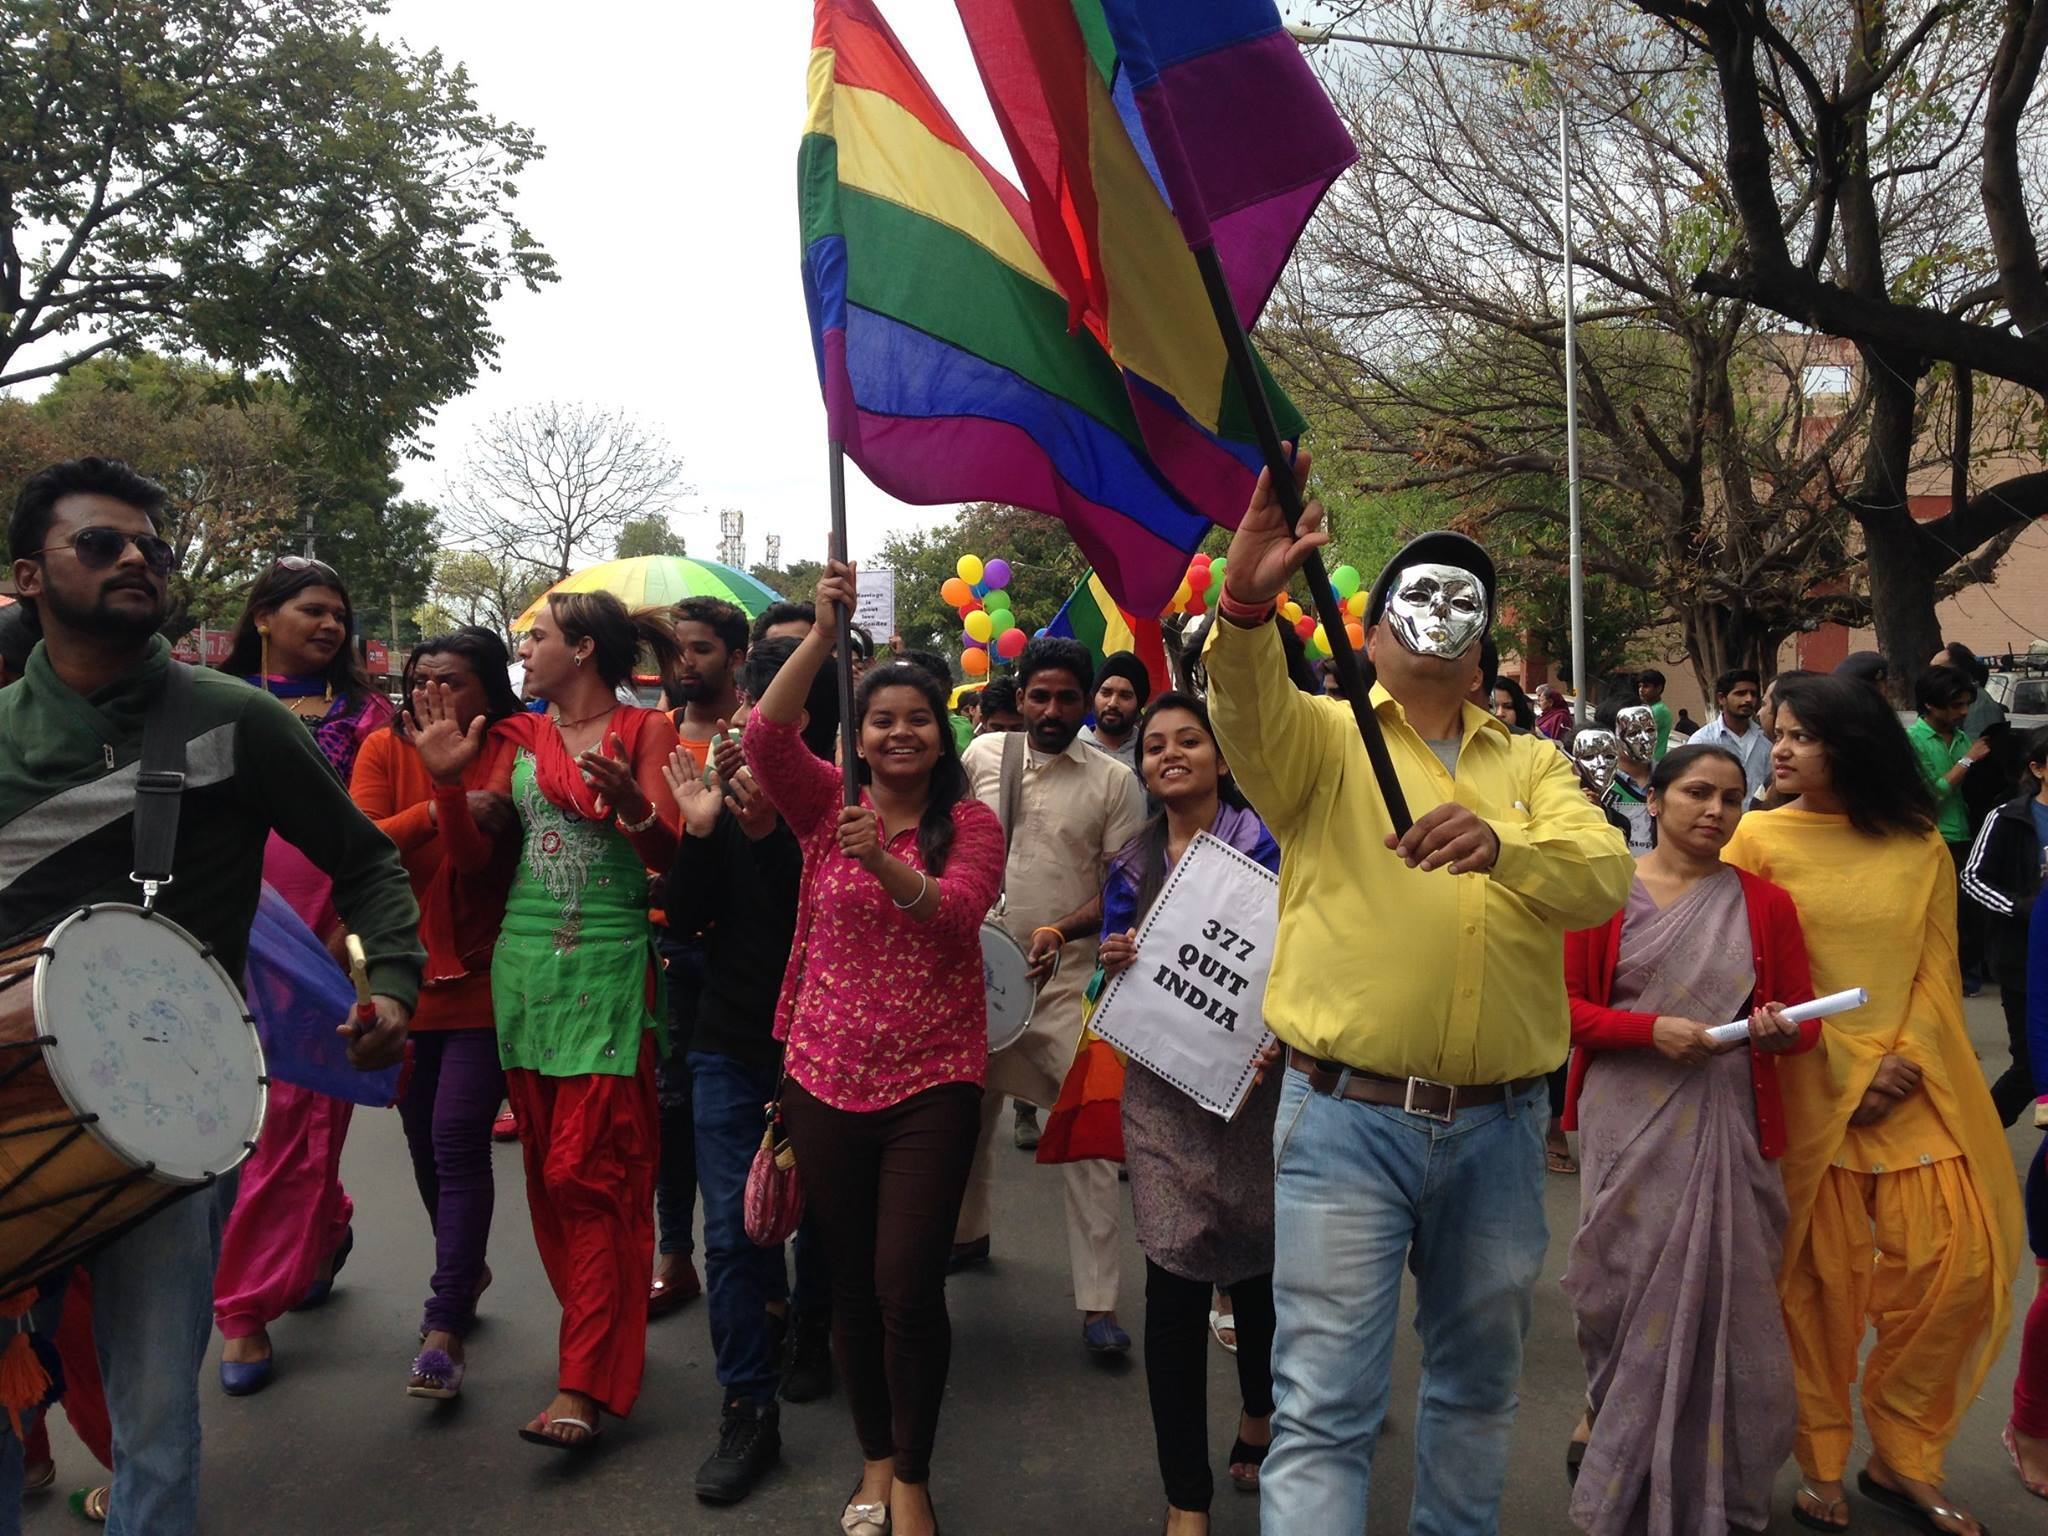 Chandigarh Pride walk 2016